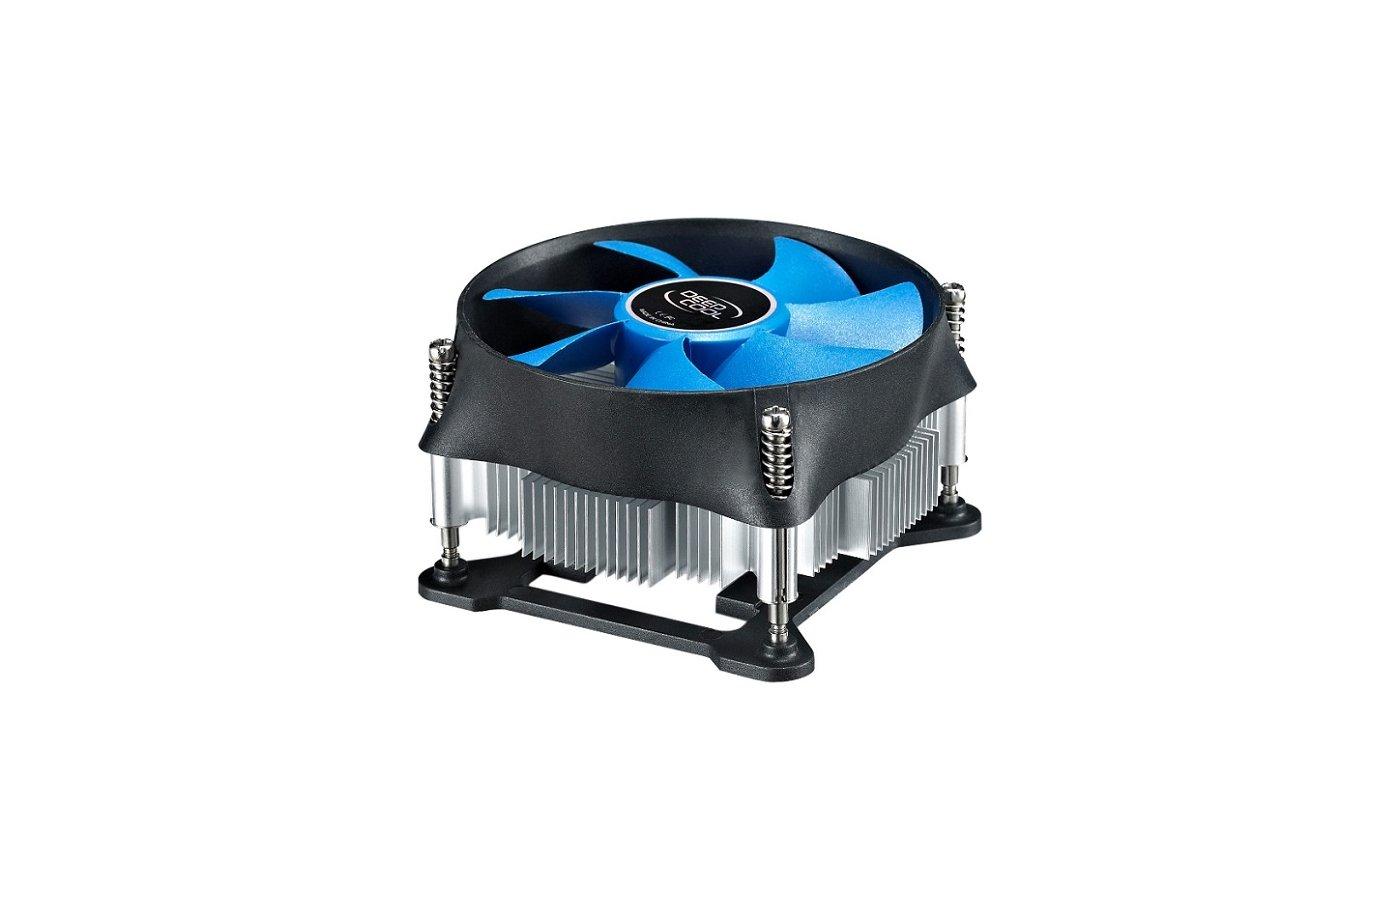 Охлаждение Deepcool THETA 15 PWM Soc-1150/1155/1156 4pin 18-36dB Al 95W 290g винты низкопрофильный